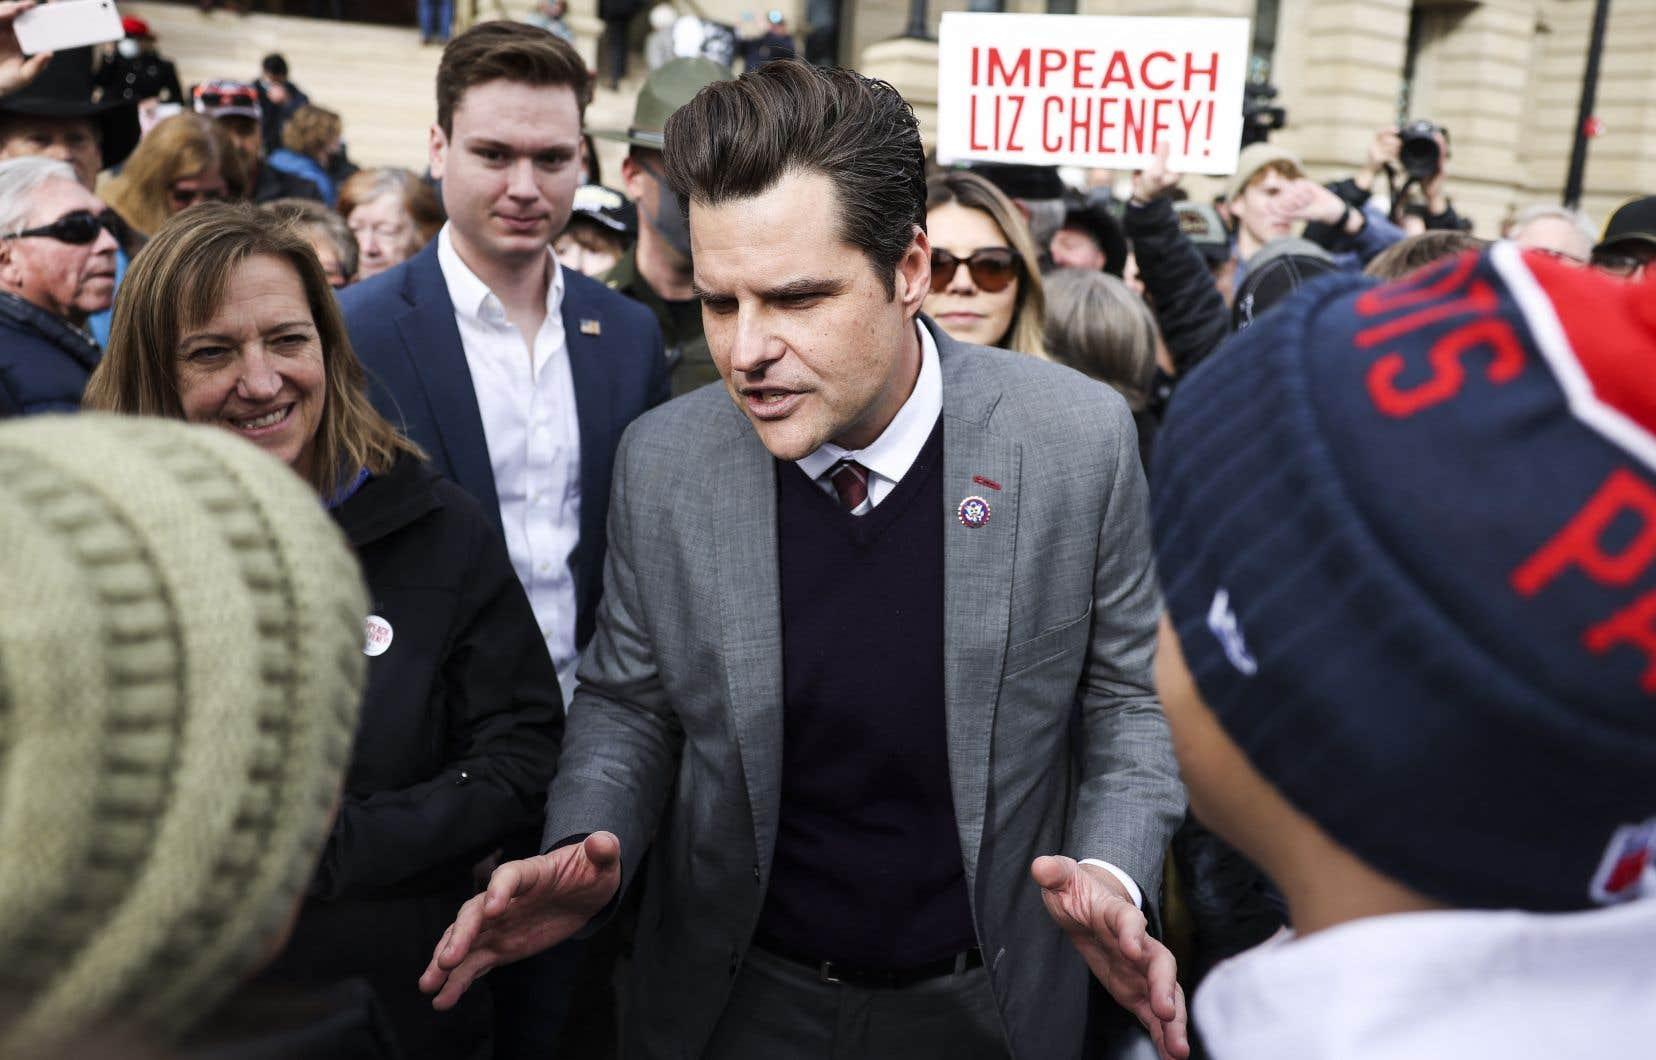 Le parlementaire Matt Gaetz avait vigoureusement défendu Donald Trump après l'assaut meurtrier du Capitole, mené le 6janvier par des partisans du milliardaire.